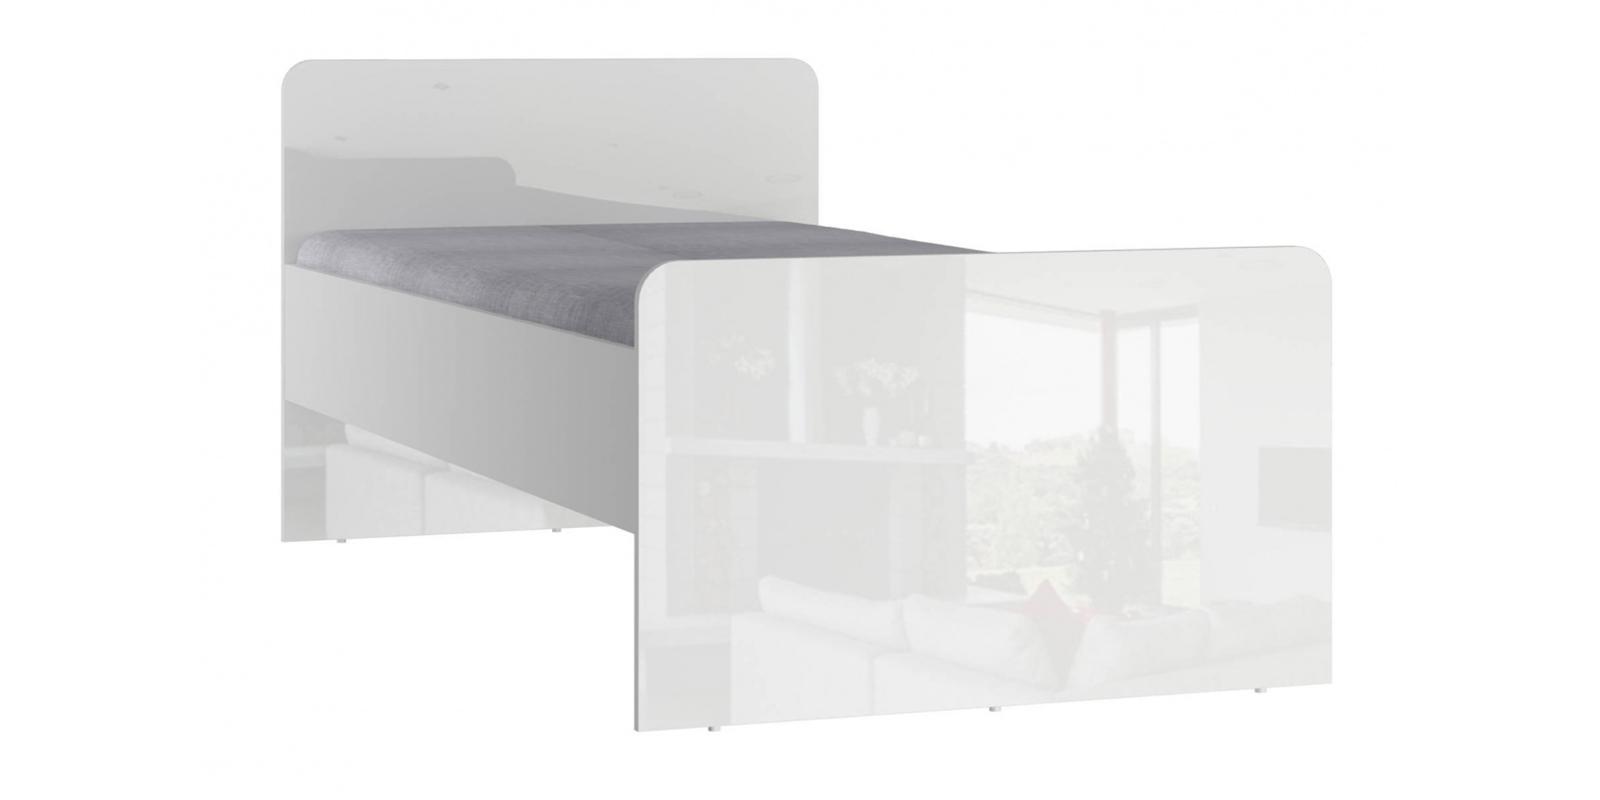 Кровать односпальная 190х90 Мелисса без подъемного механизма (белый)